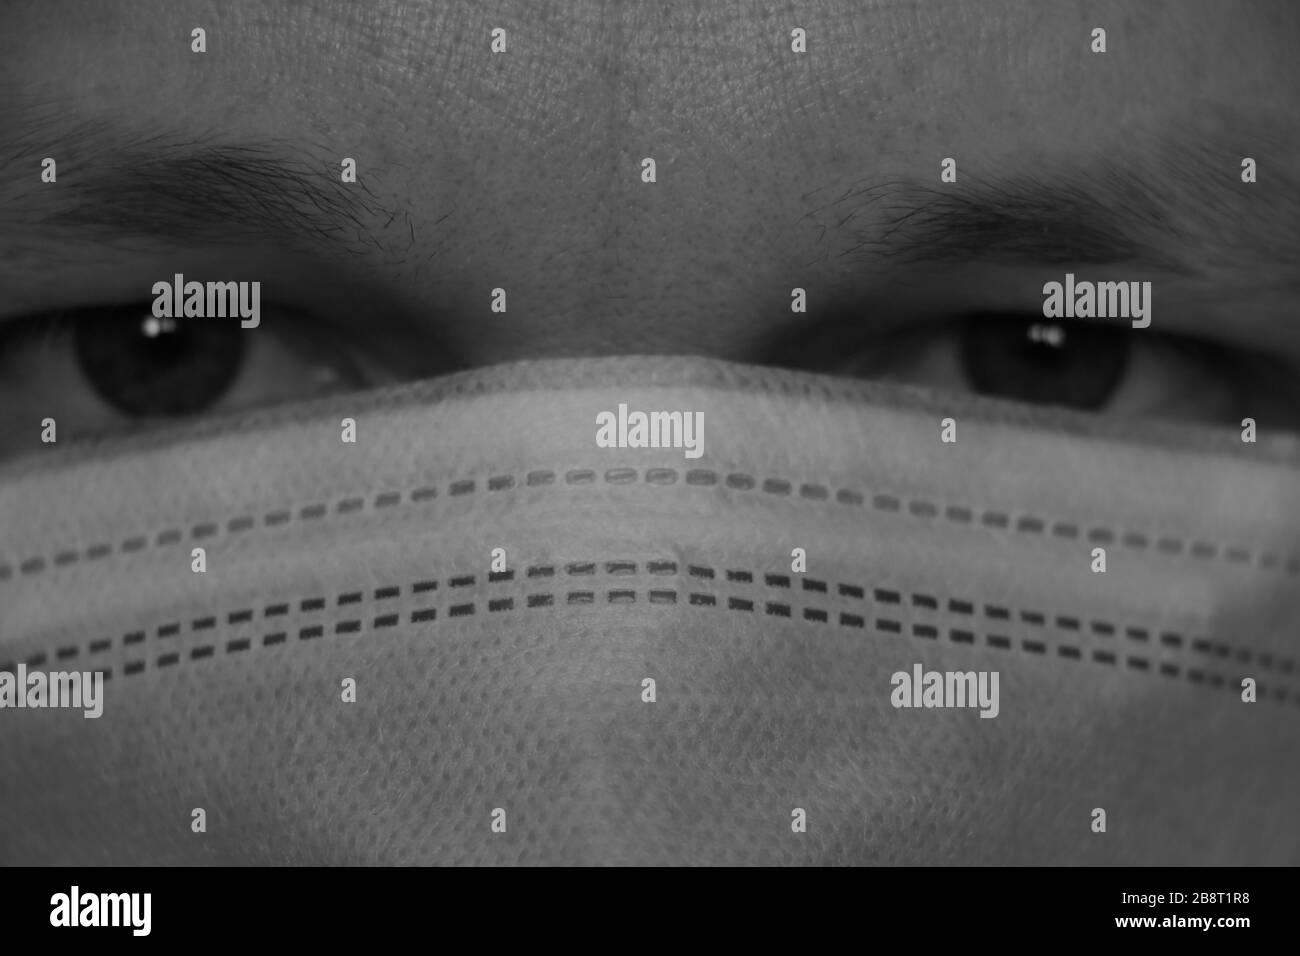 El hombre tiene una máscara médica protectora, anti-infección, protección contra el coronavirus. Gran mirada a la cámara, primer plano. Epidemia pandémica Foto de stock